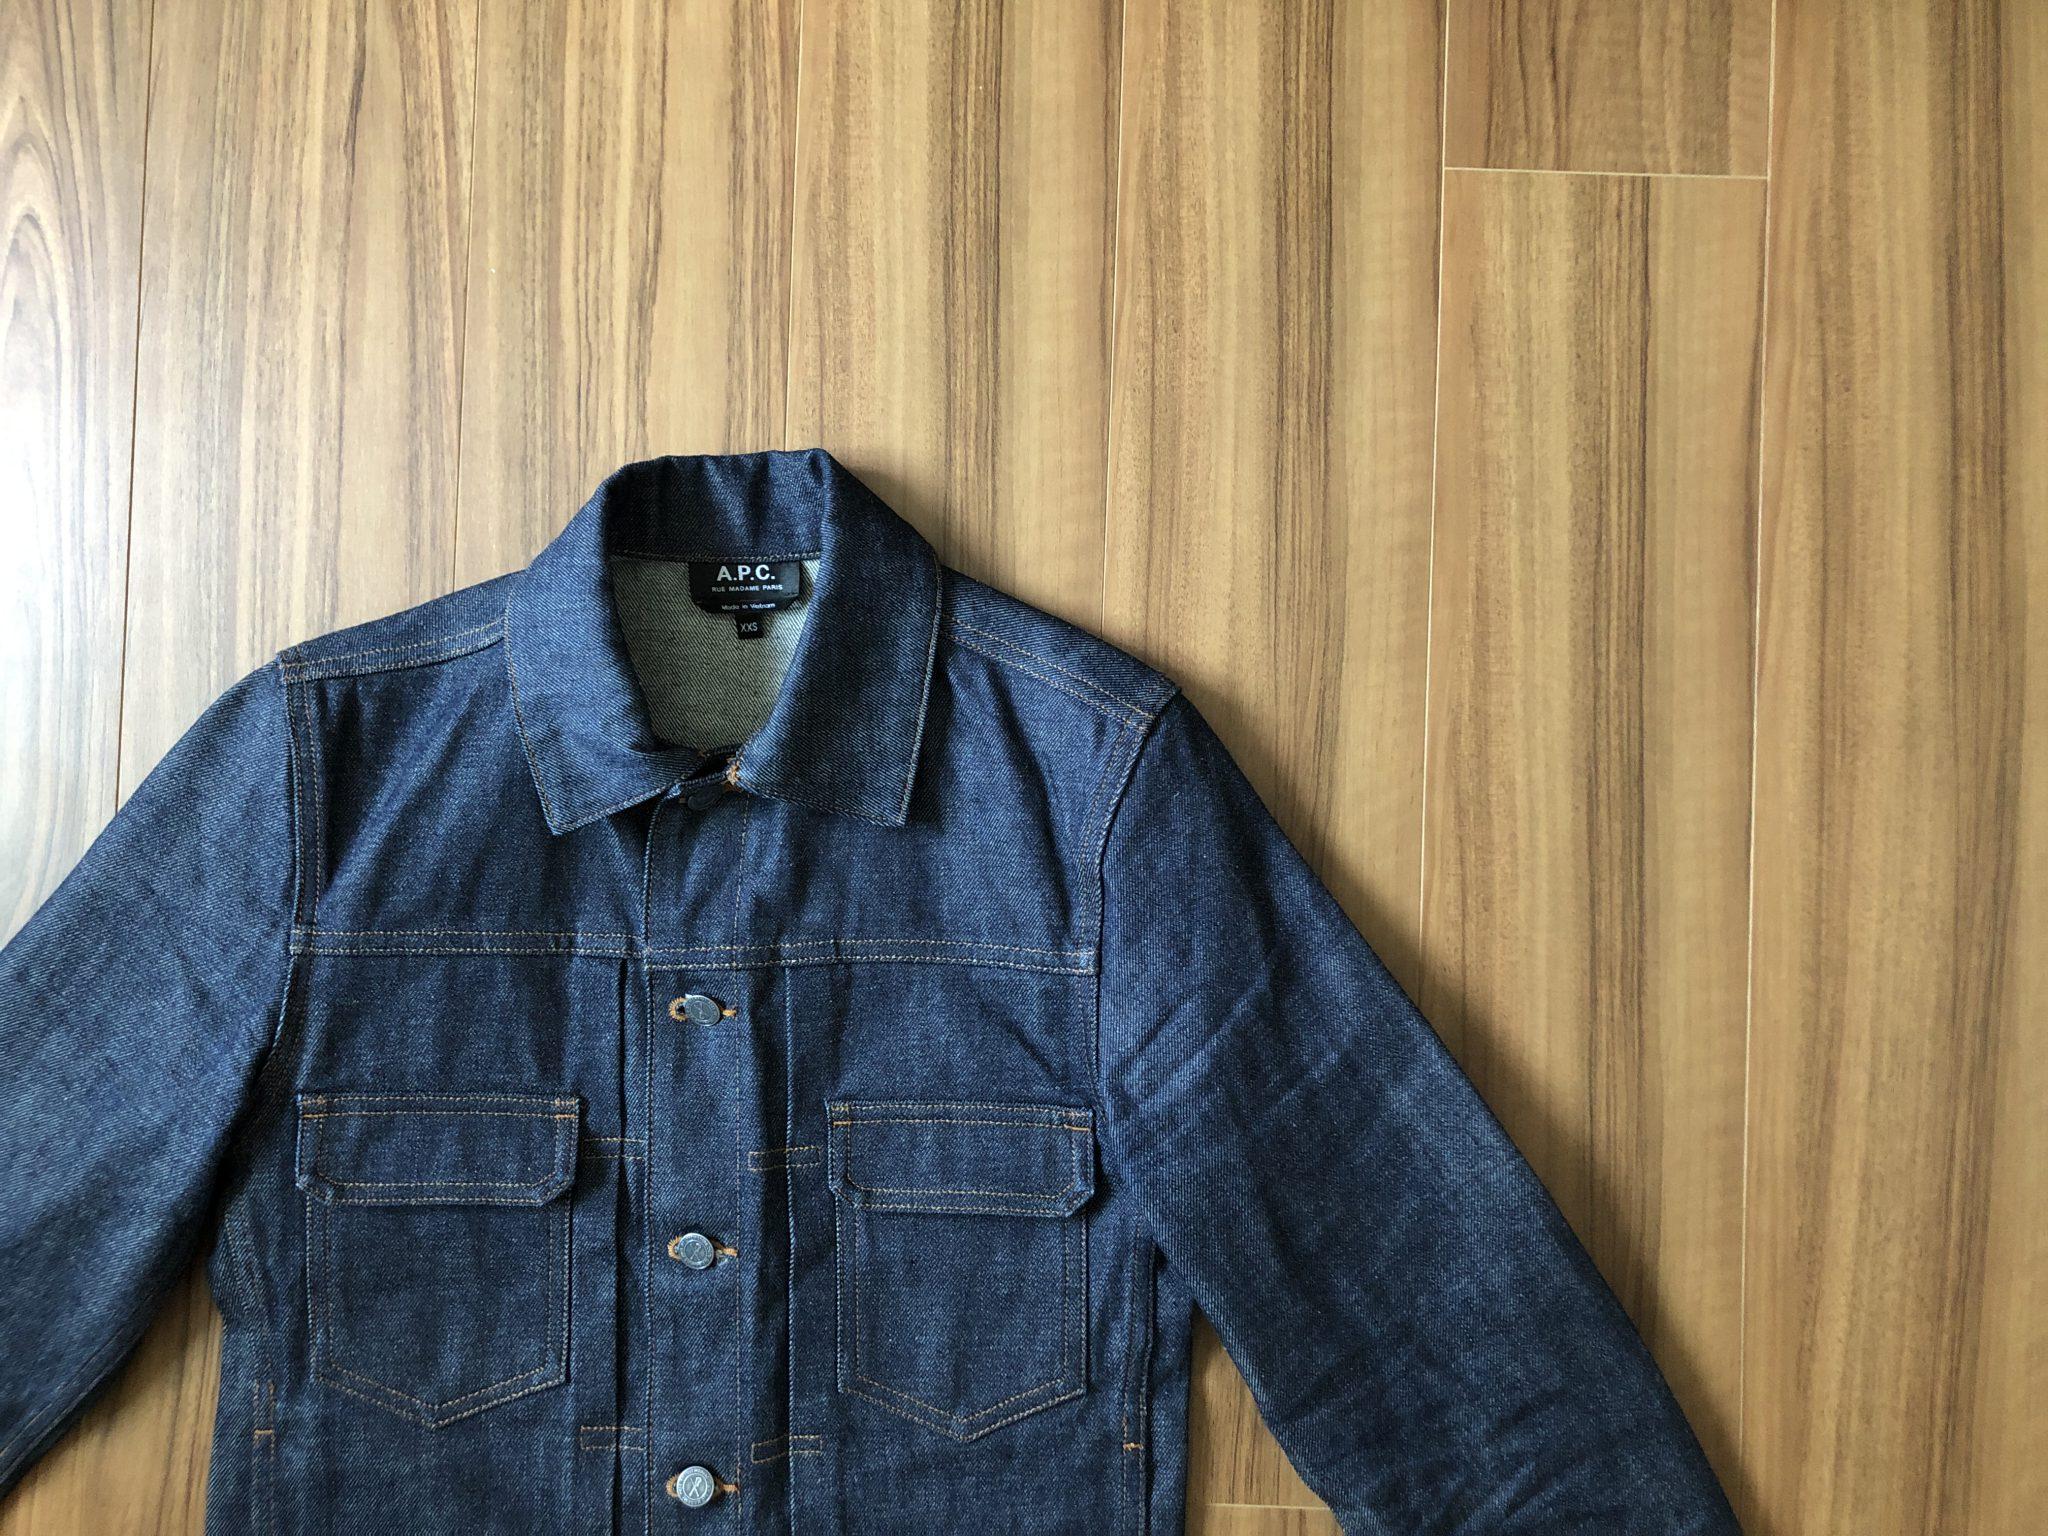 A.P.C.デニムワークジャケット|久しぶりにアーペーセーのリジッド生地を味わうジージャンを購入